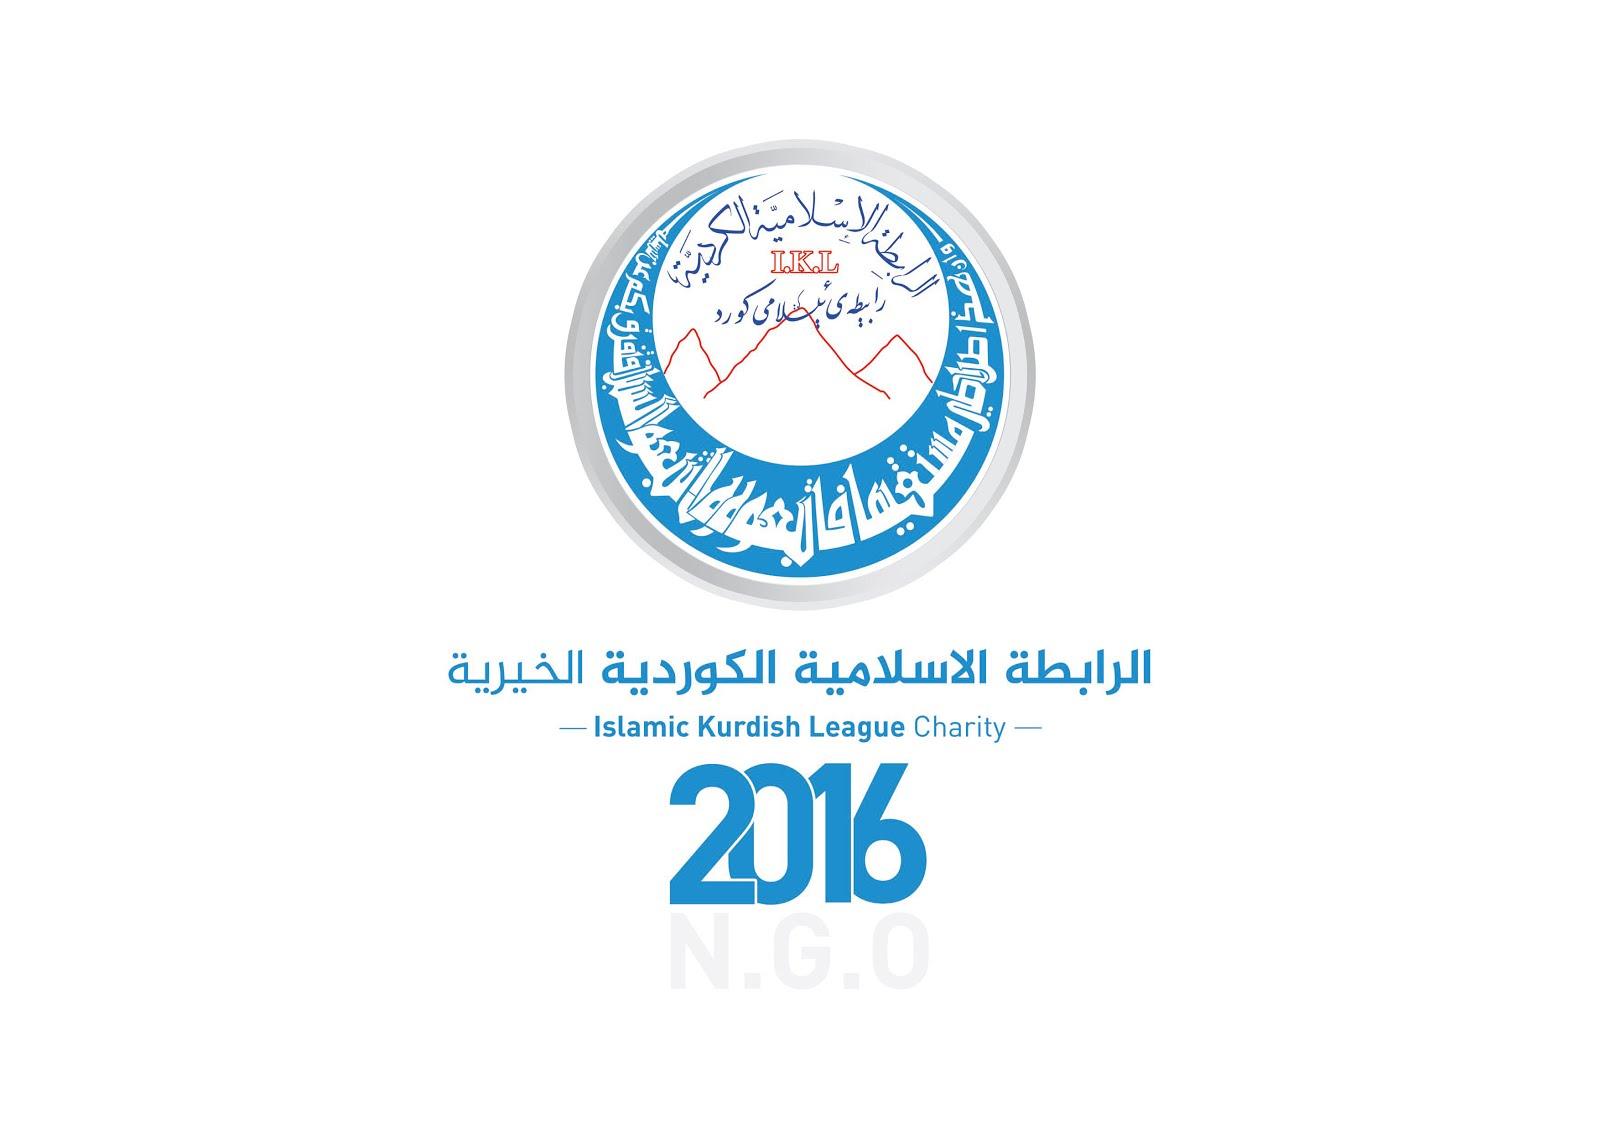 ......... التقرير السنوي لعام 2016